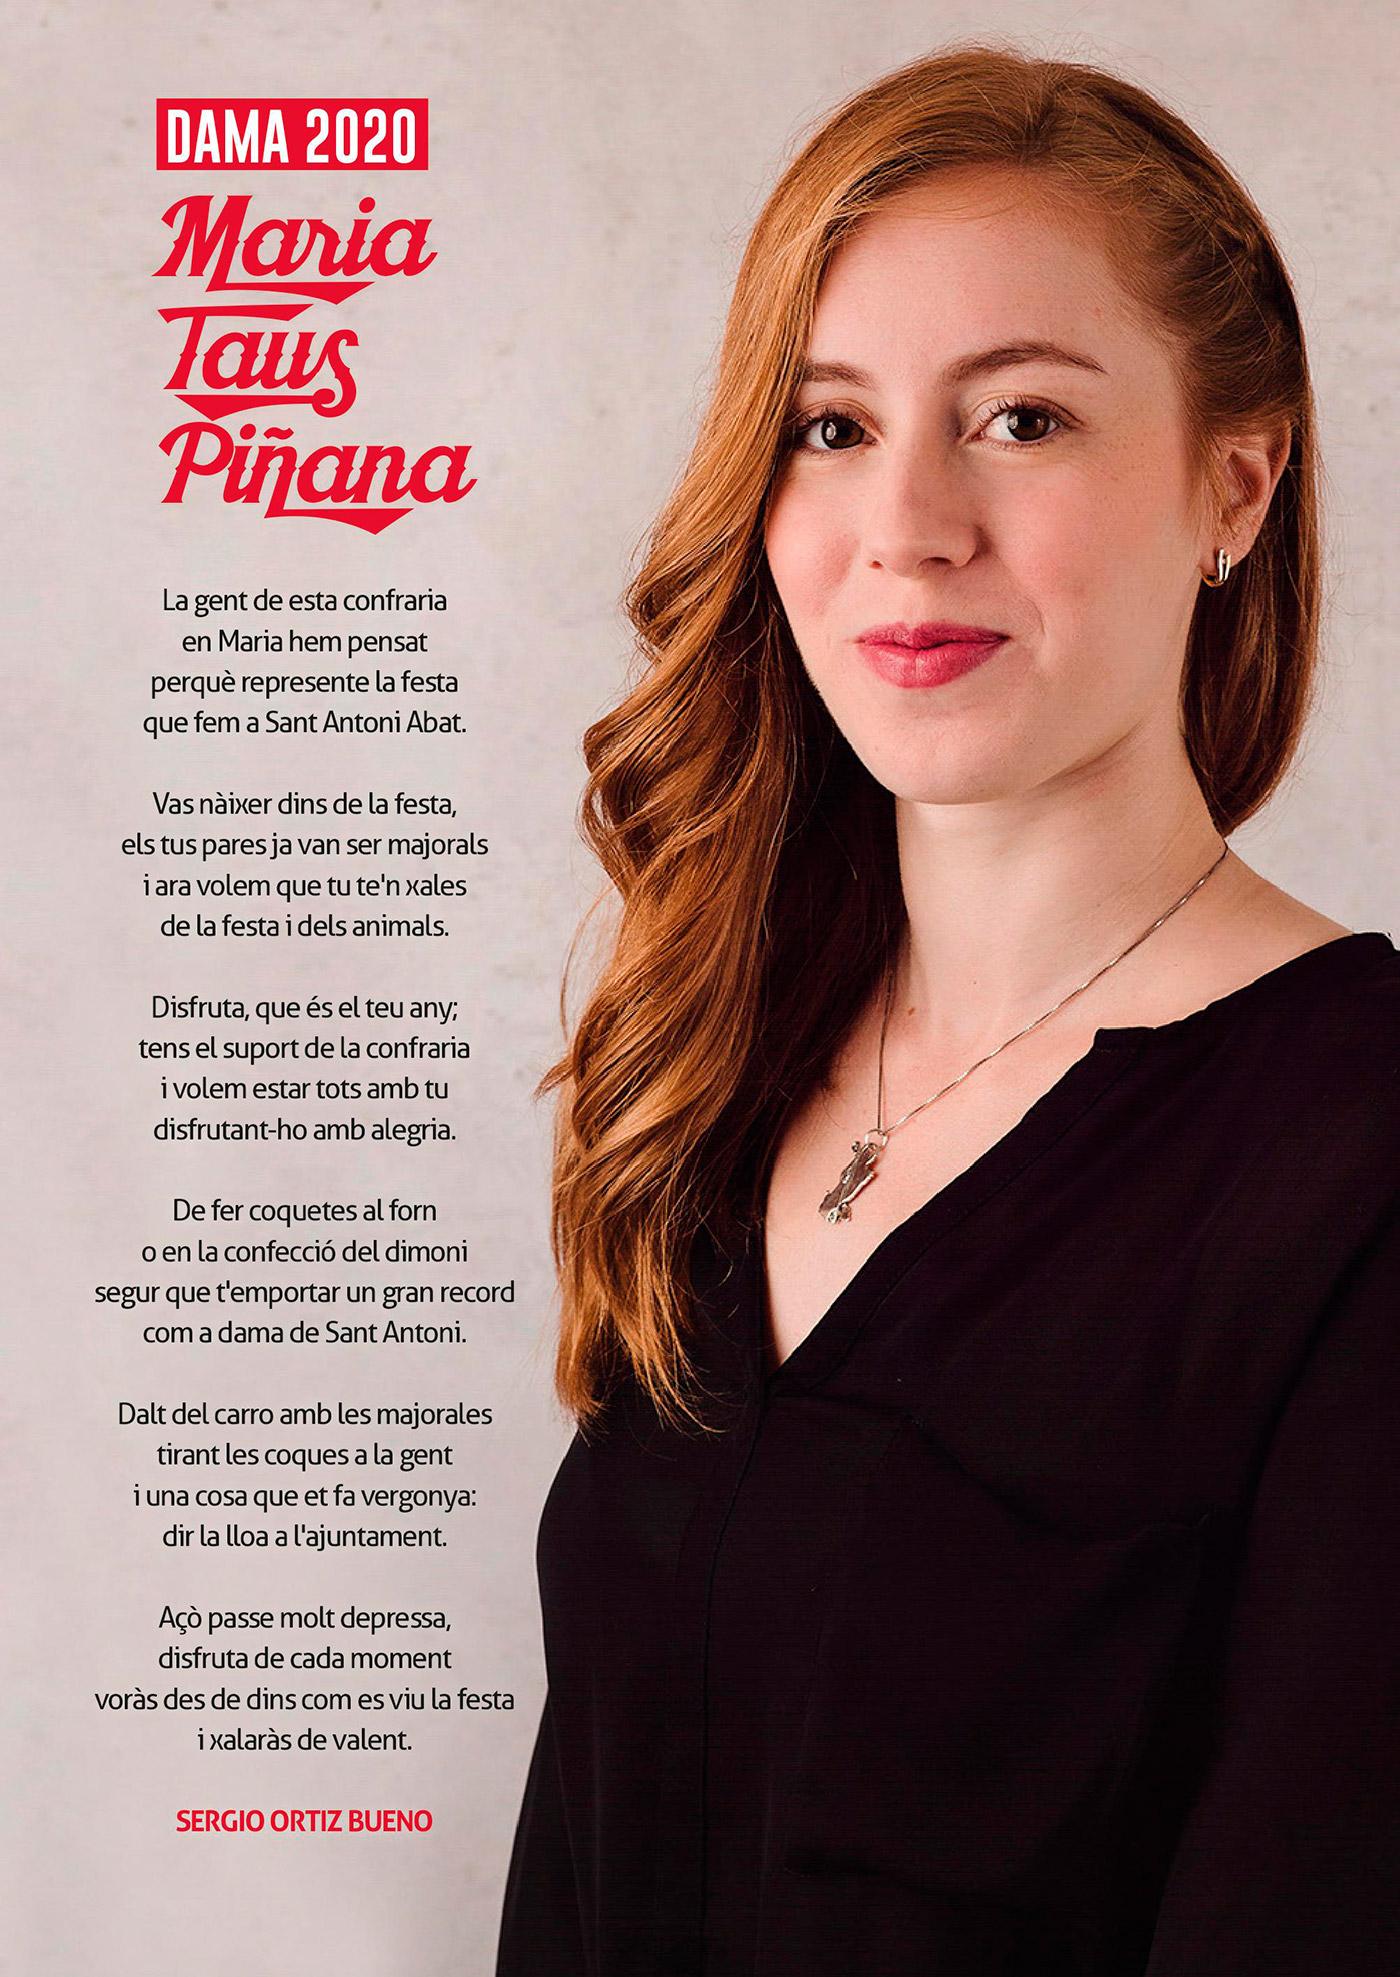 Dama 2020 Maria Taus Piñana Presentación